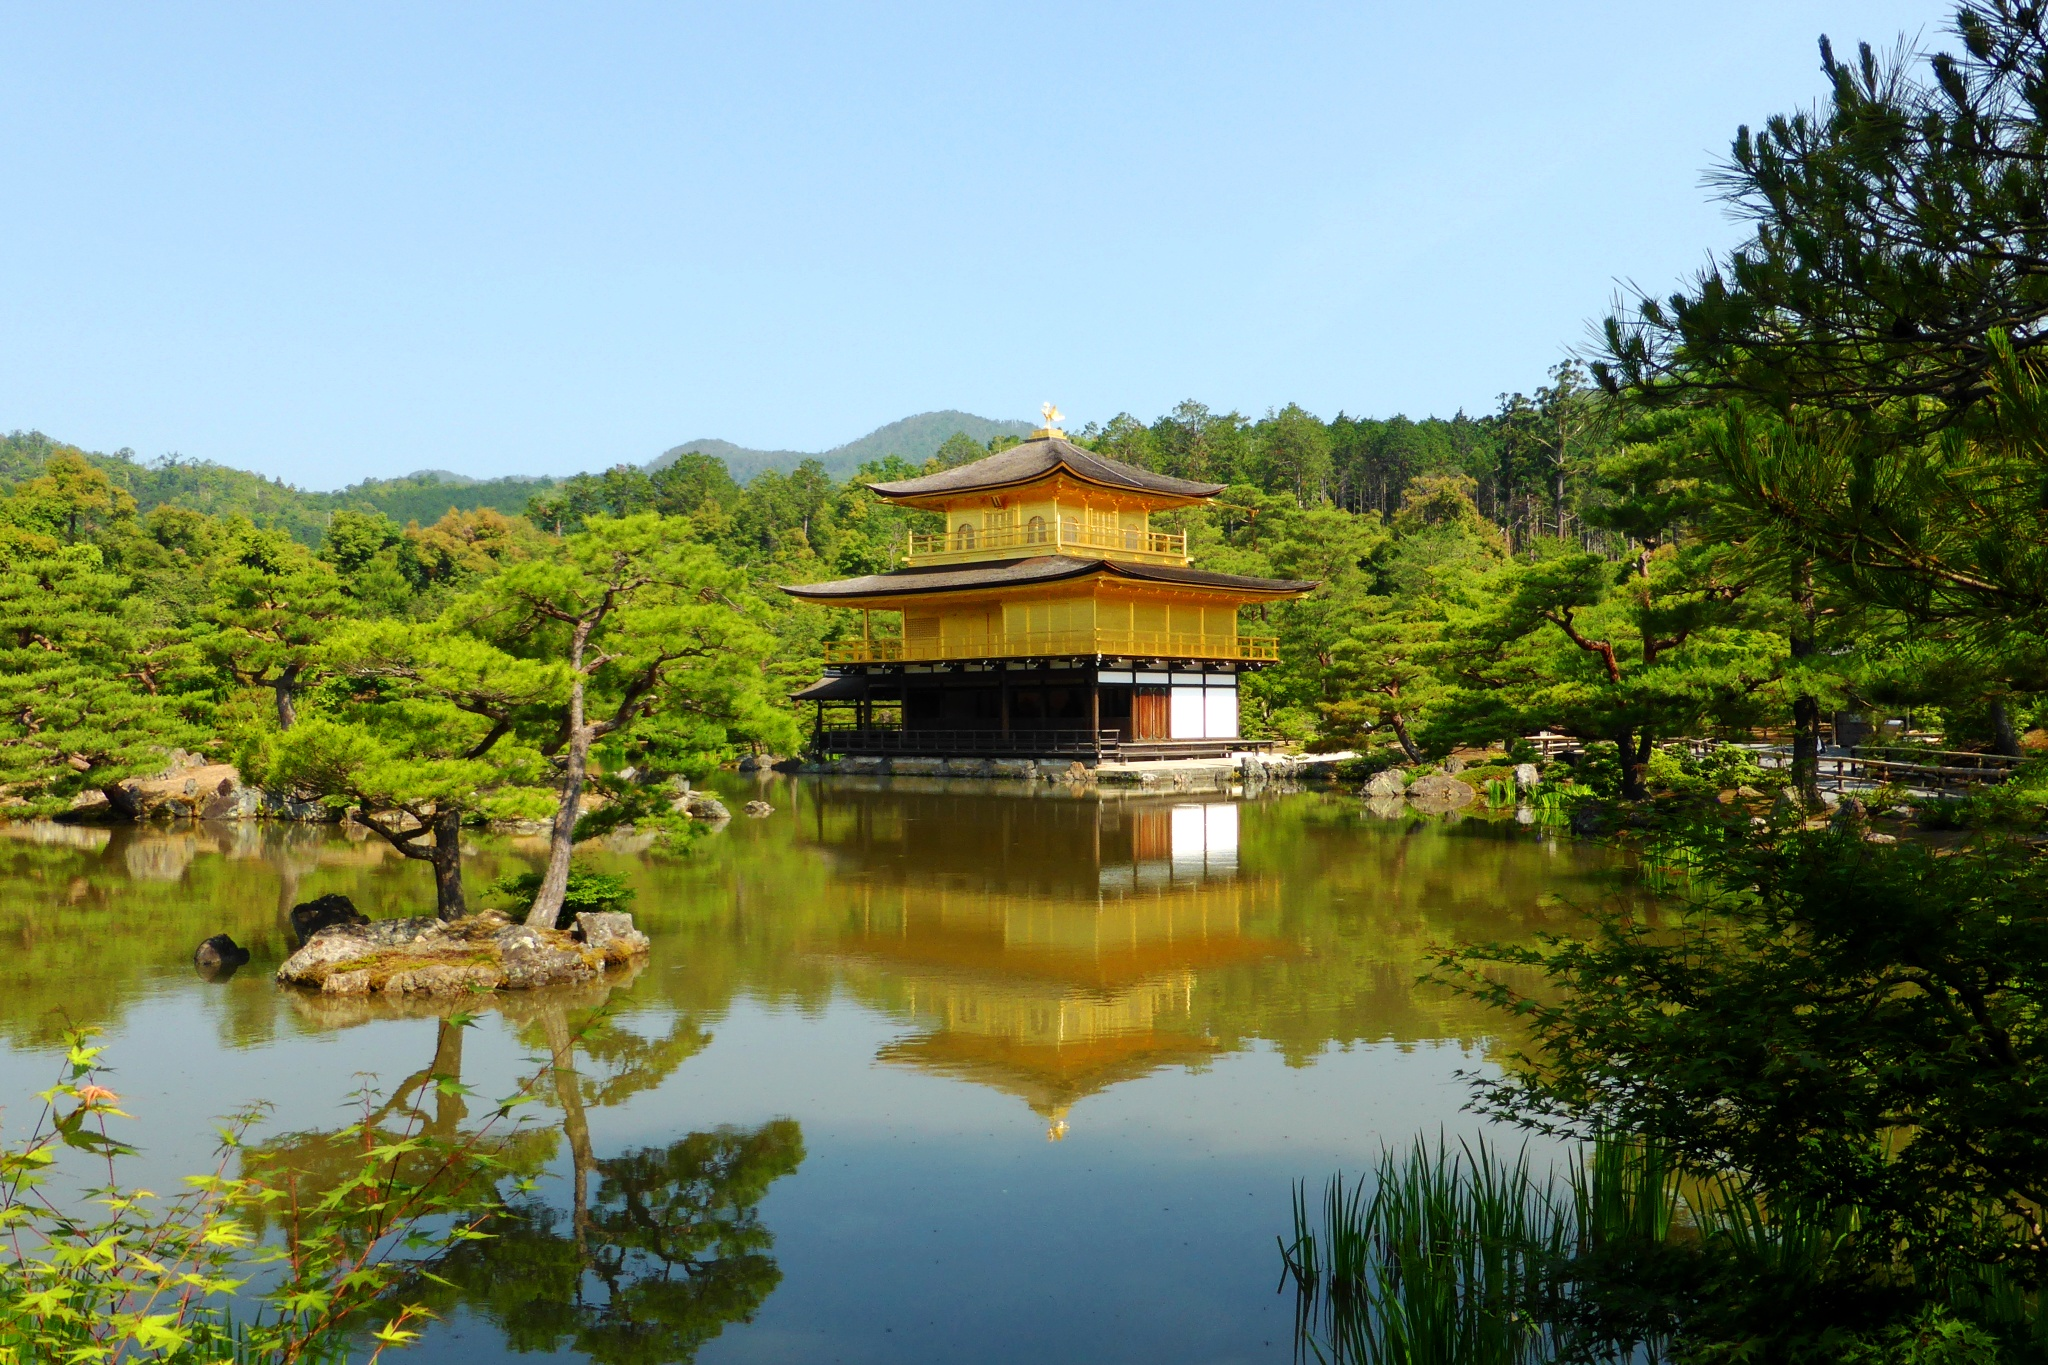 京都市北区にある金閣寺の舎利殿